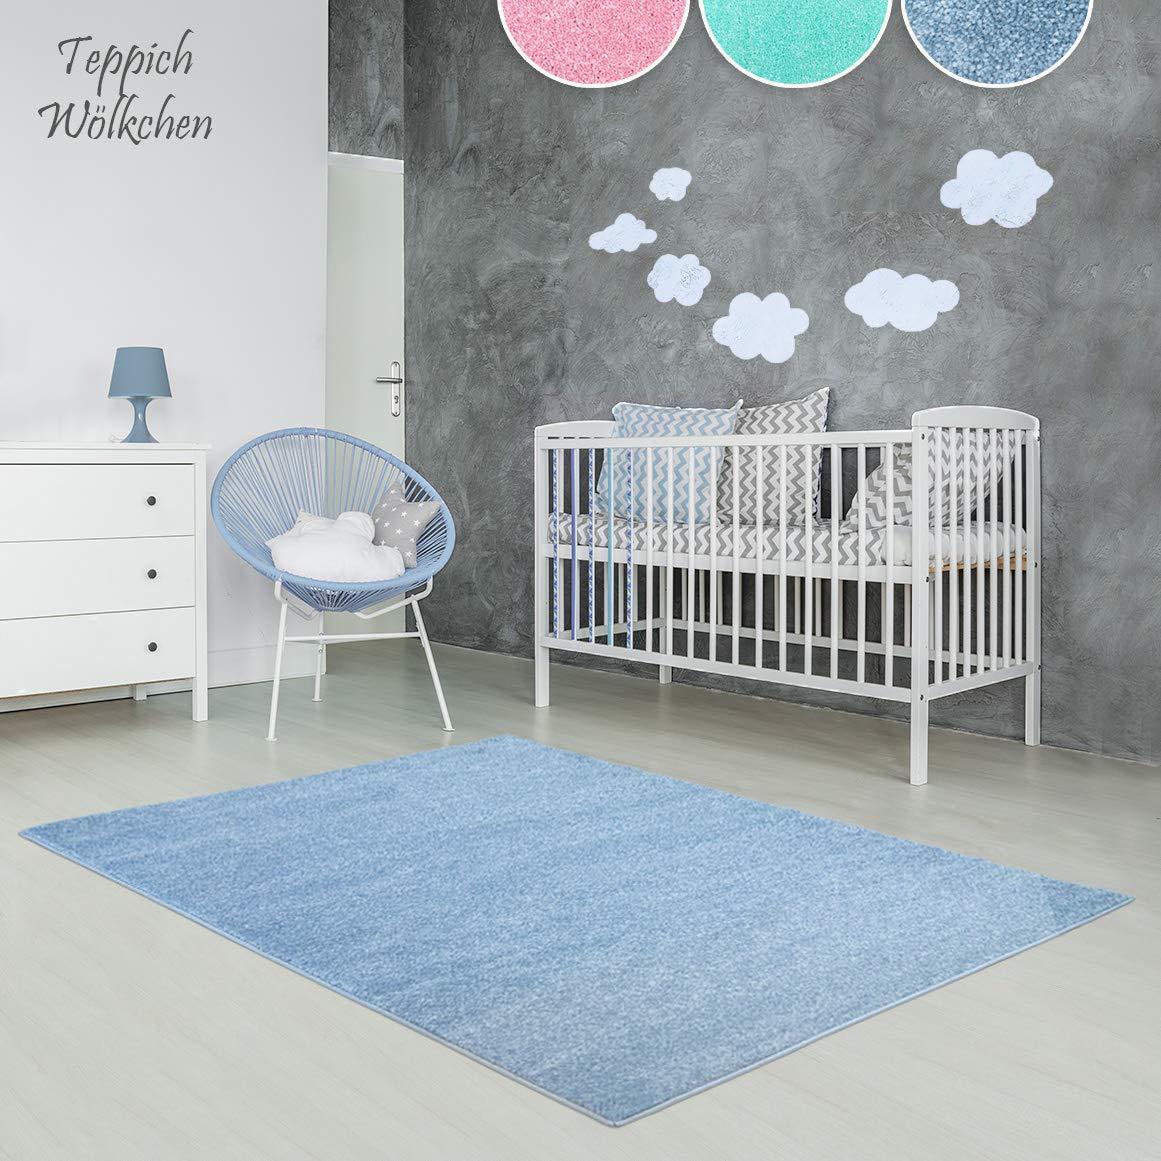 Kinder-Zimmer-Teppich im bunten Wolken Design oder Uni Farben   rund oder rechteckig   Ideal für Jungen, Mädchen oder im Baby-Zimmer   Ökotex Zertifiziert (Blau, 140 x 200 cm)